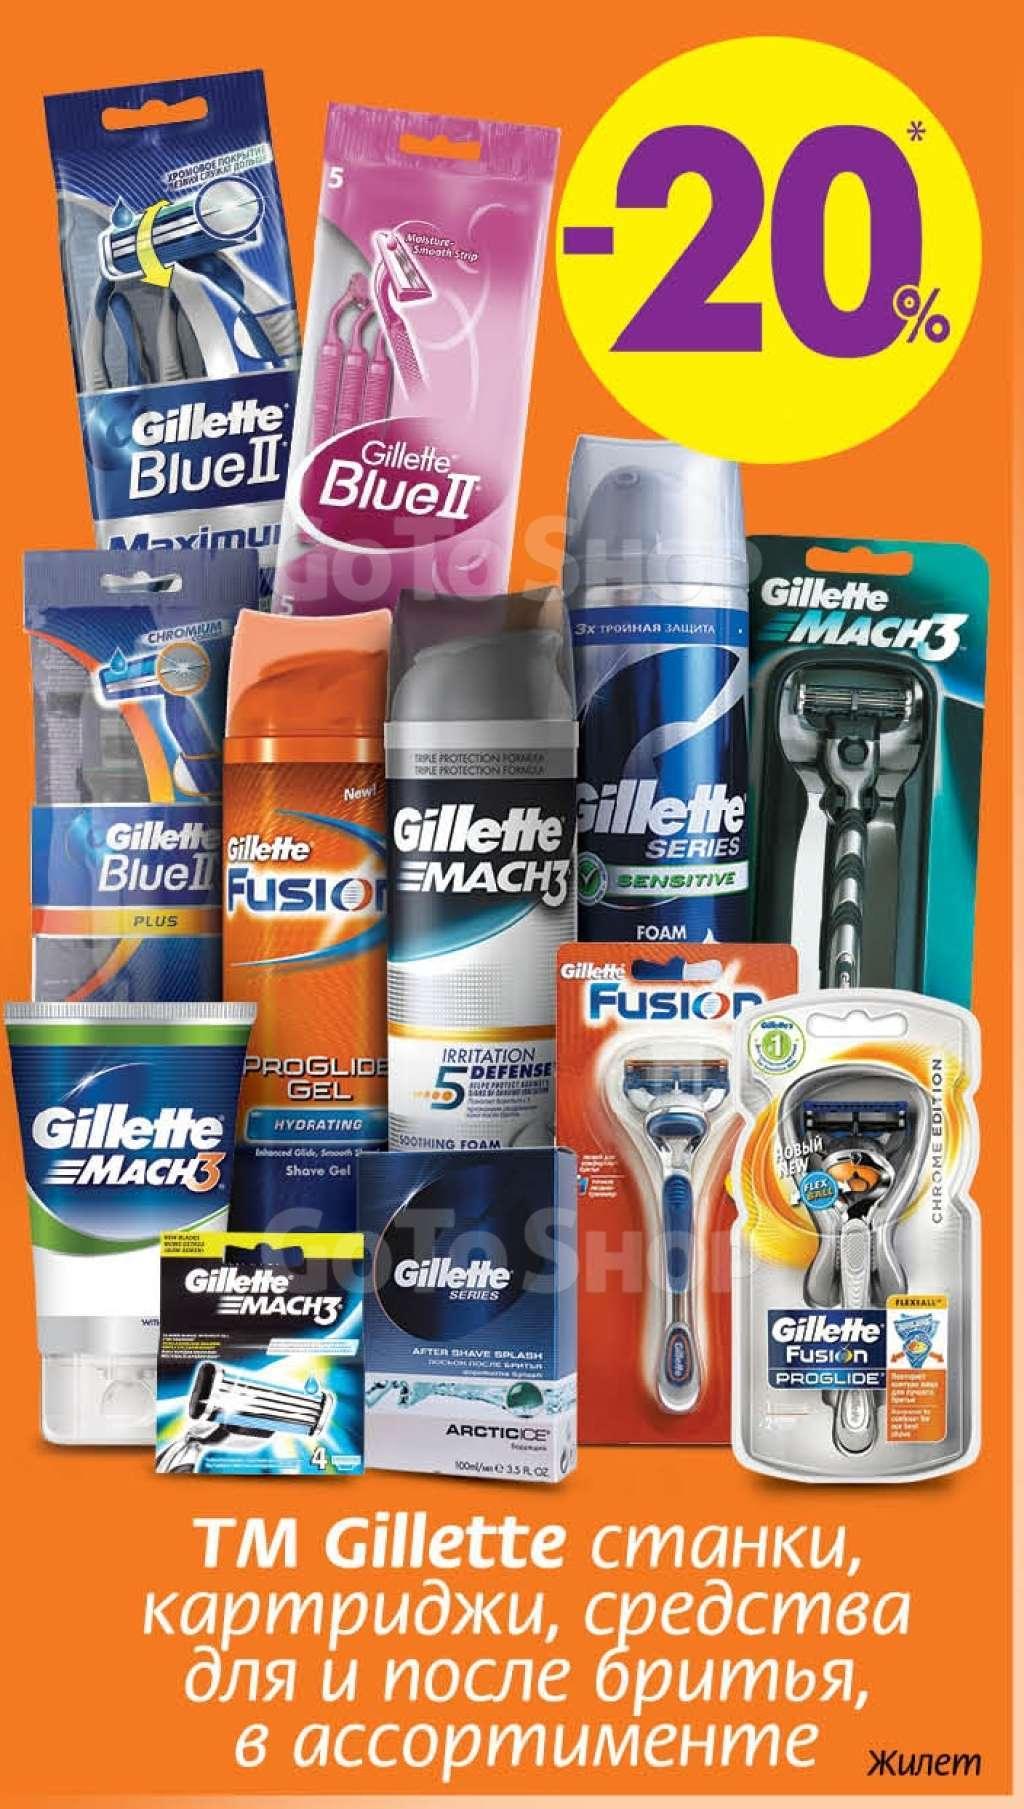 Бритви, станки та леза для гоління, Лосьйон, бальзам після гоління, Креми для гоління